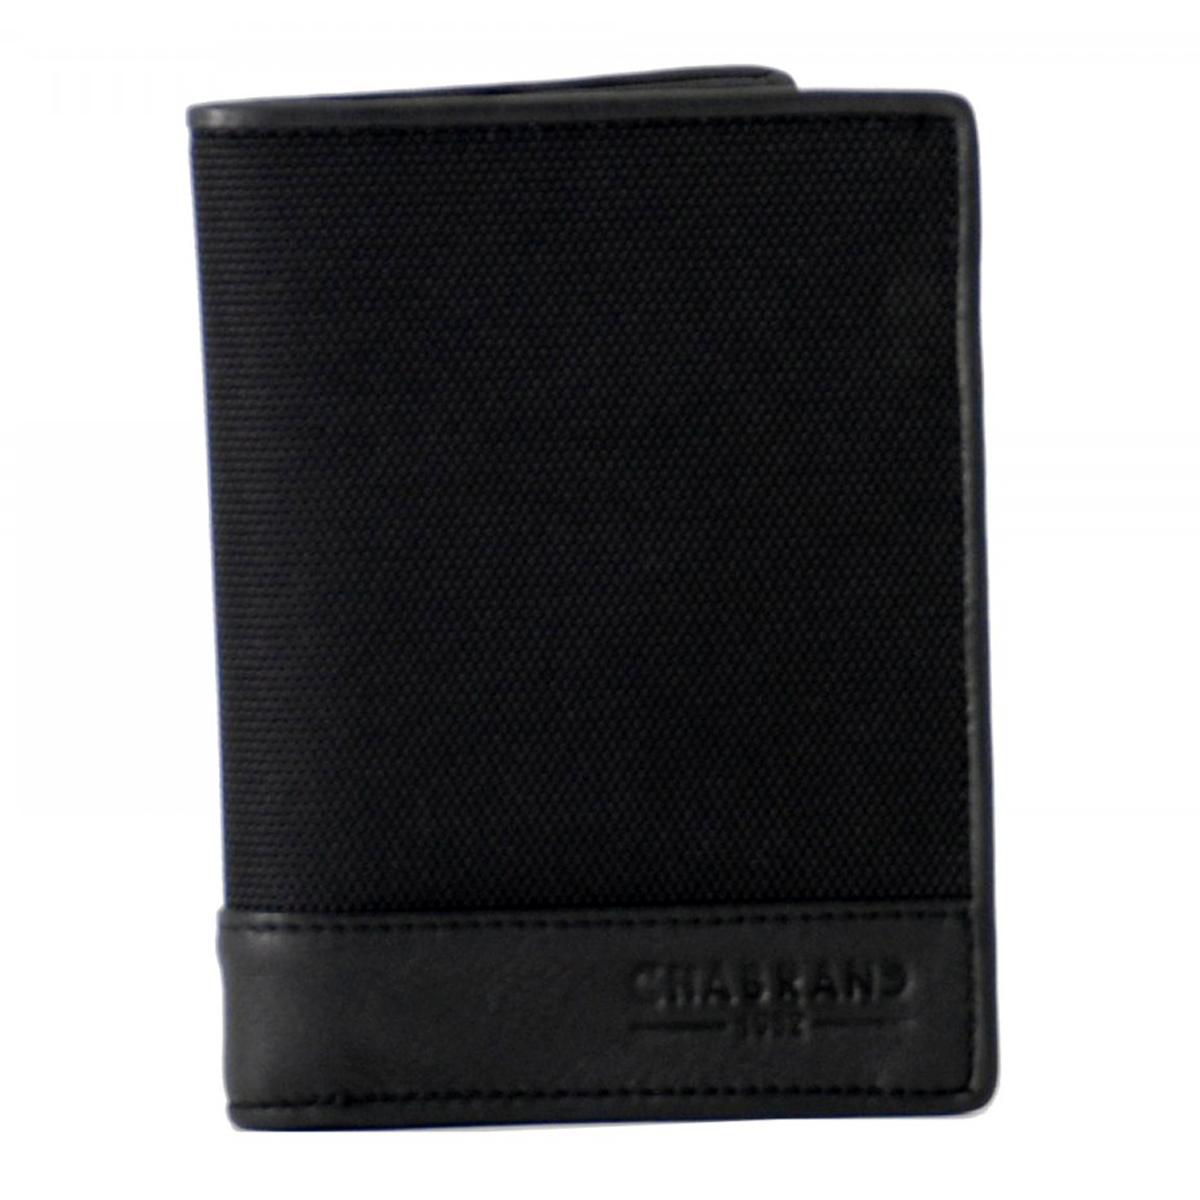 Portefeuille toile et cuir \'Chabrand\' noir - 15x11x2 cm - [Z0036]